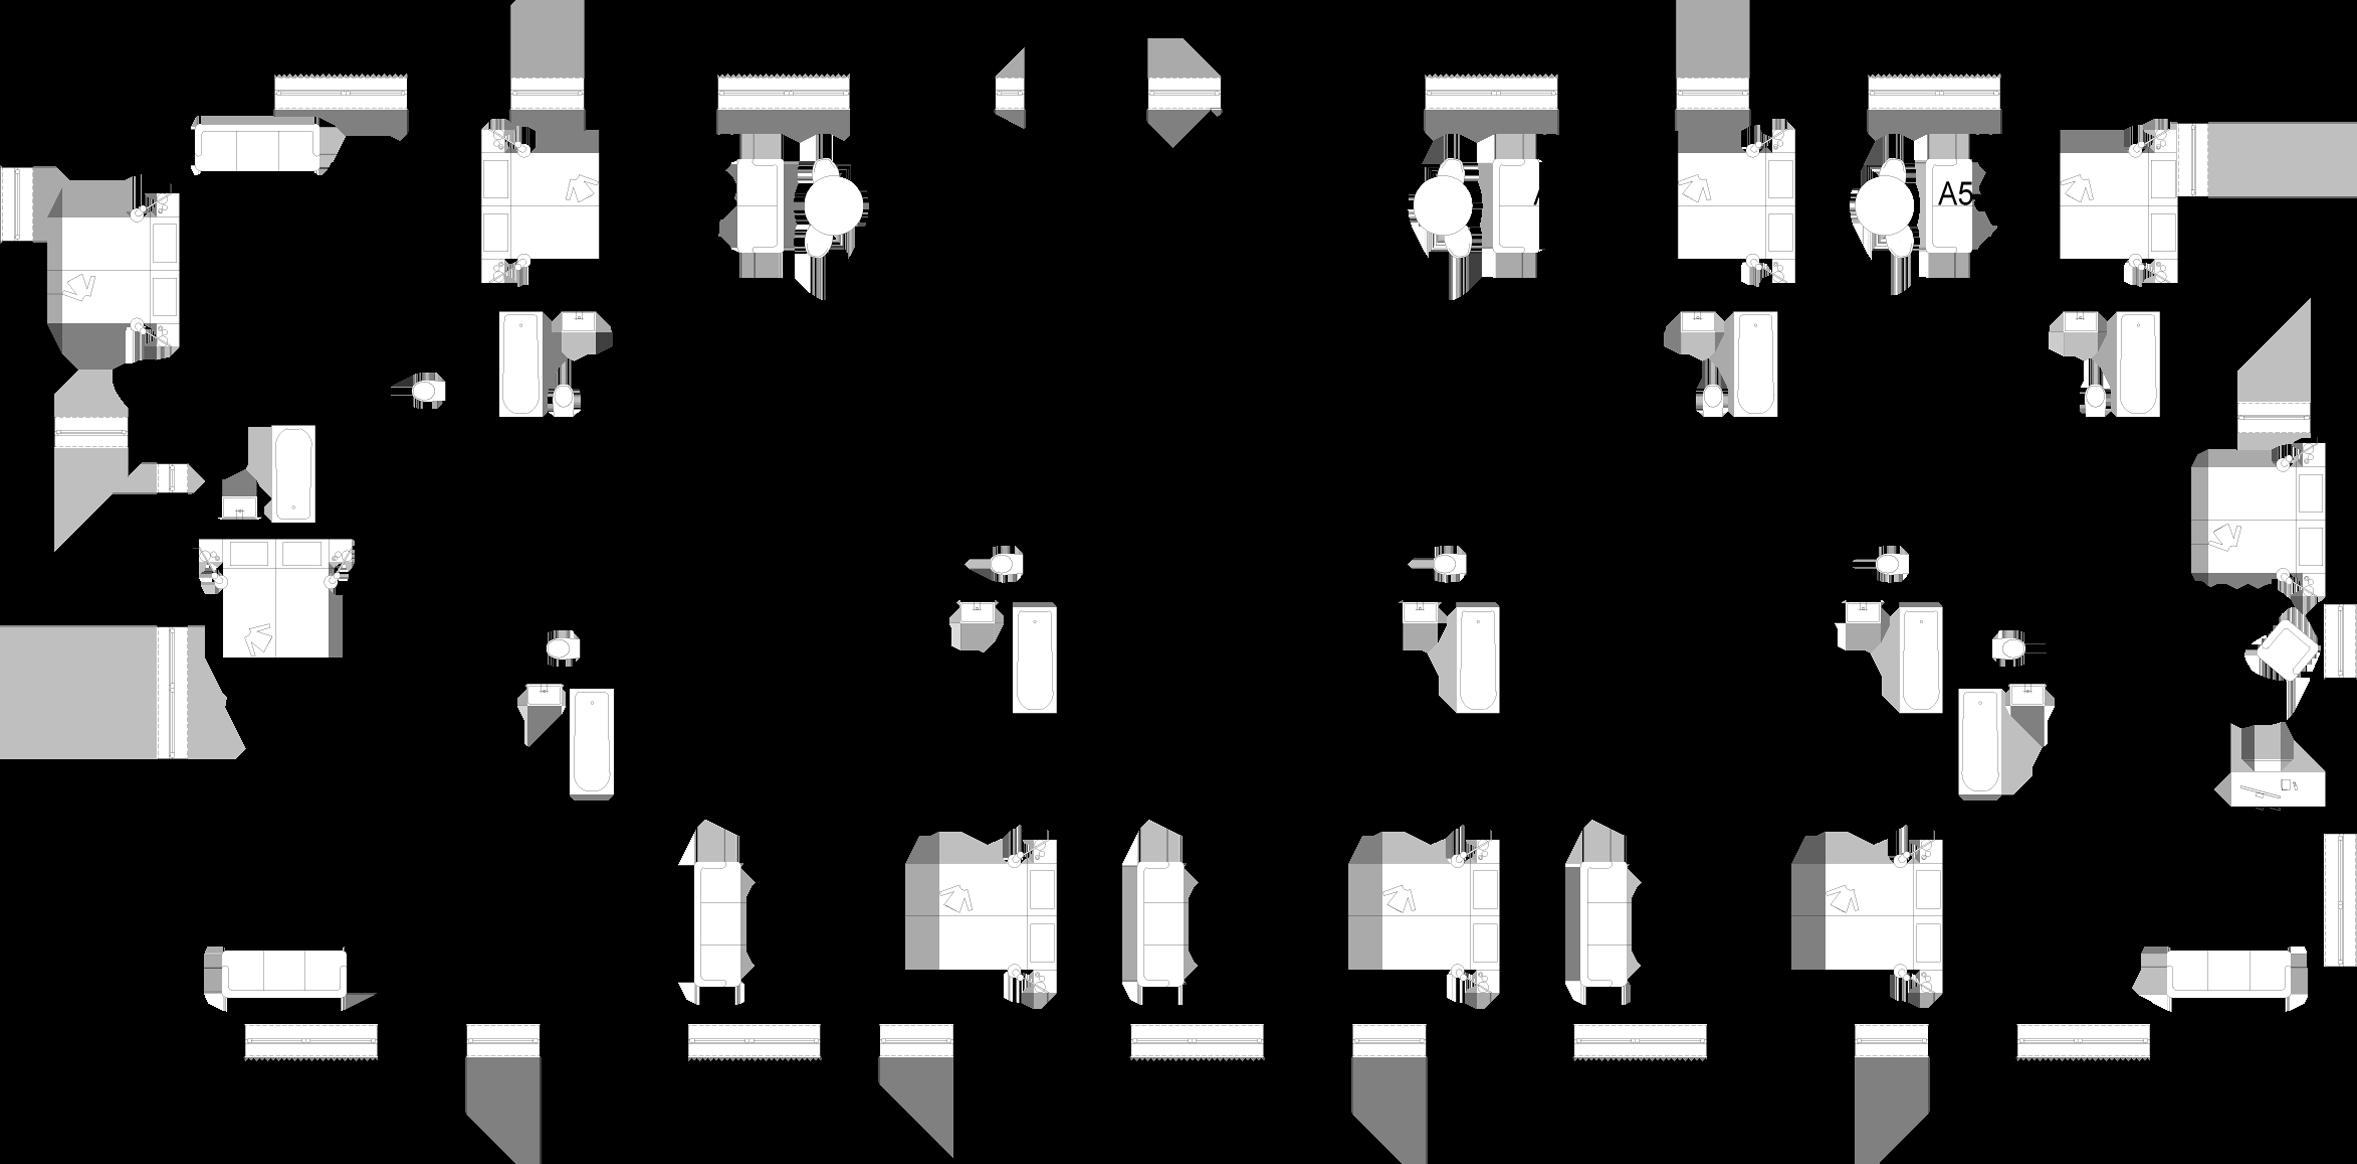 SO-01.A5 – 1. NP